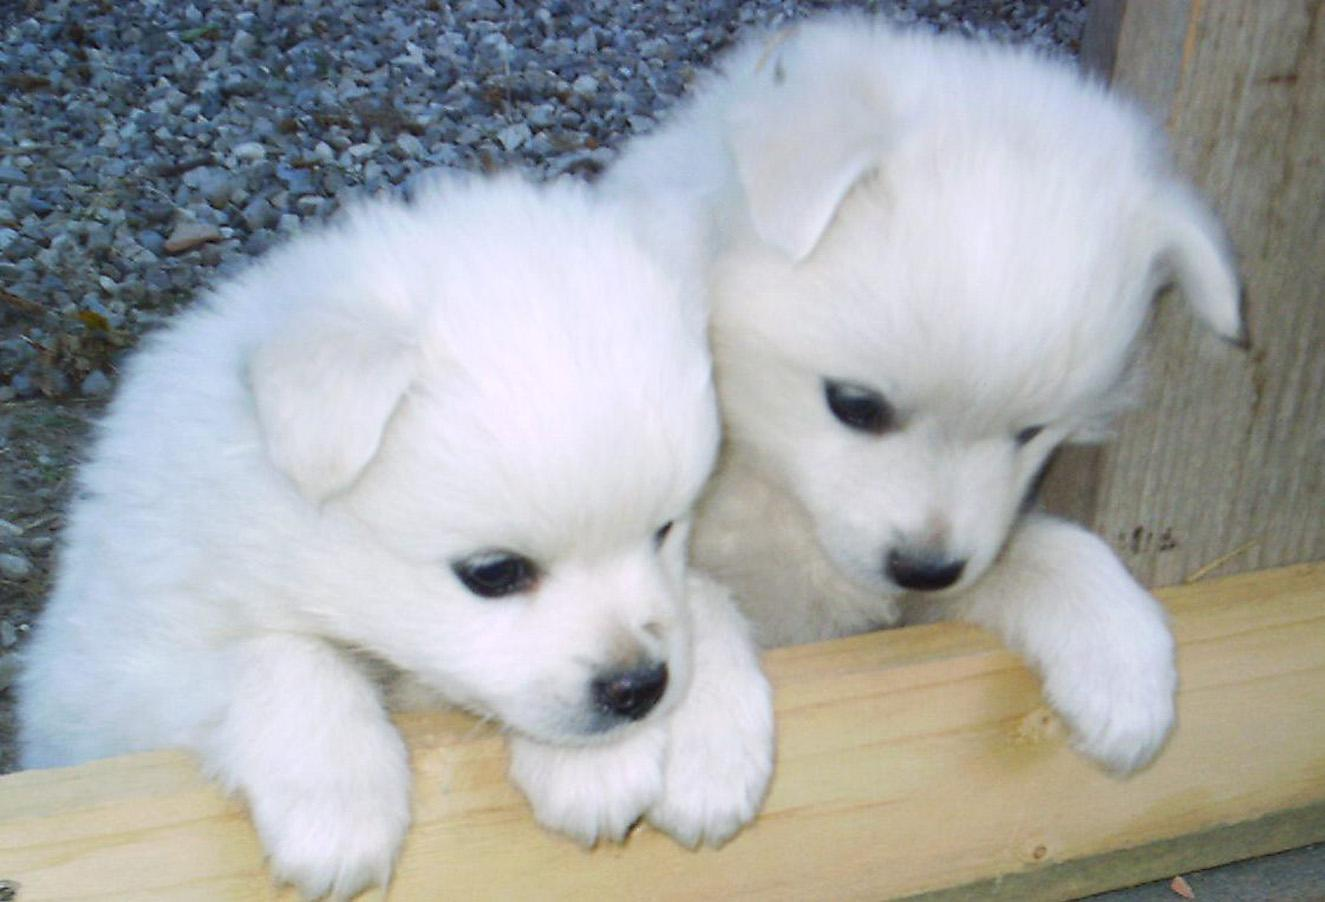 Two cute Volpino Italiano dogs wallpaper